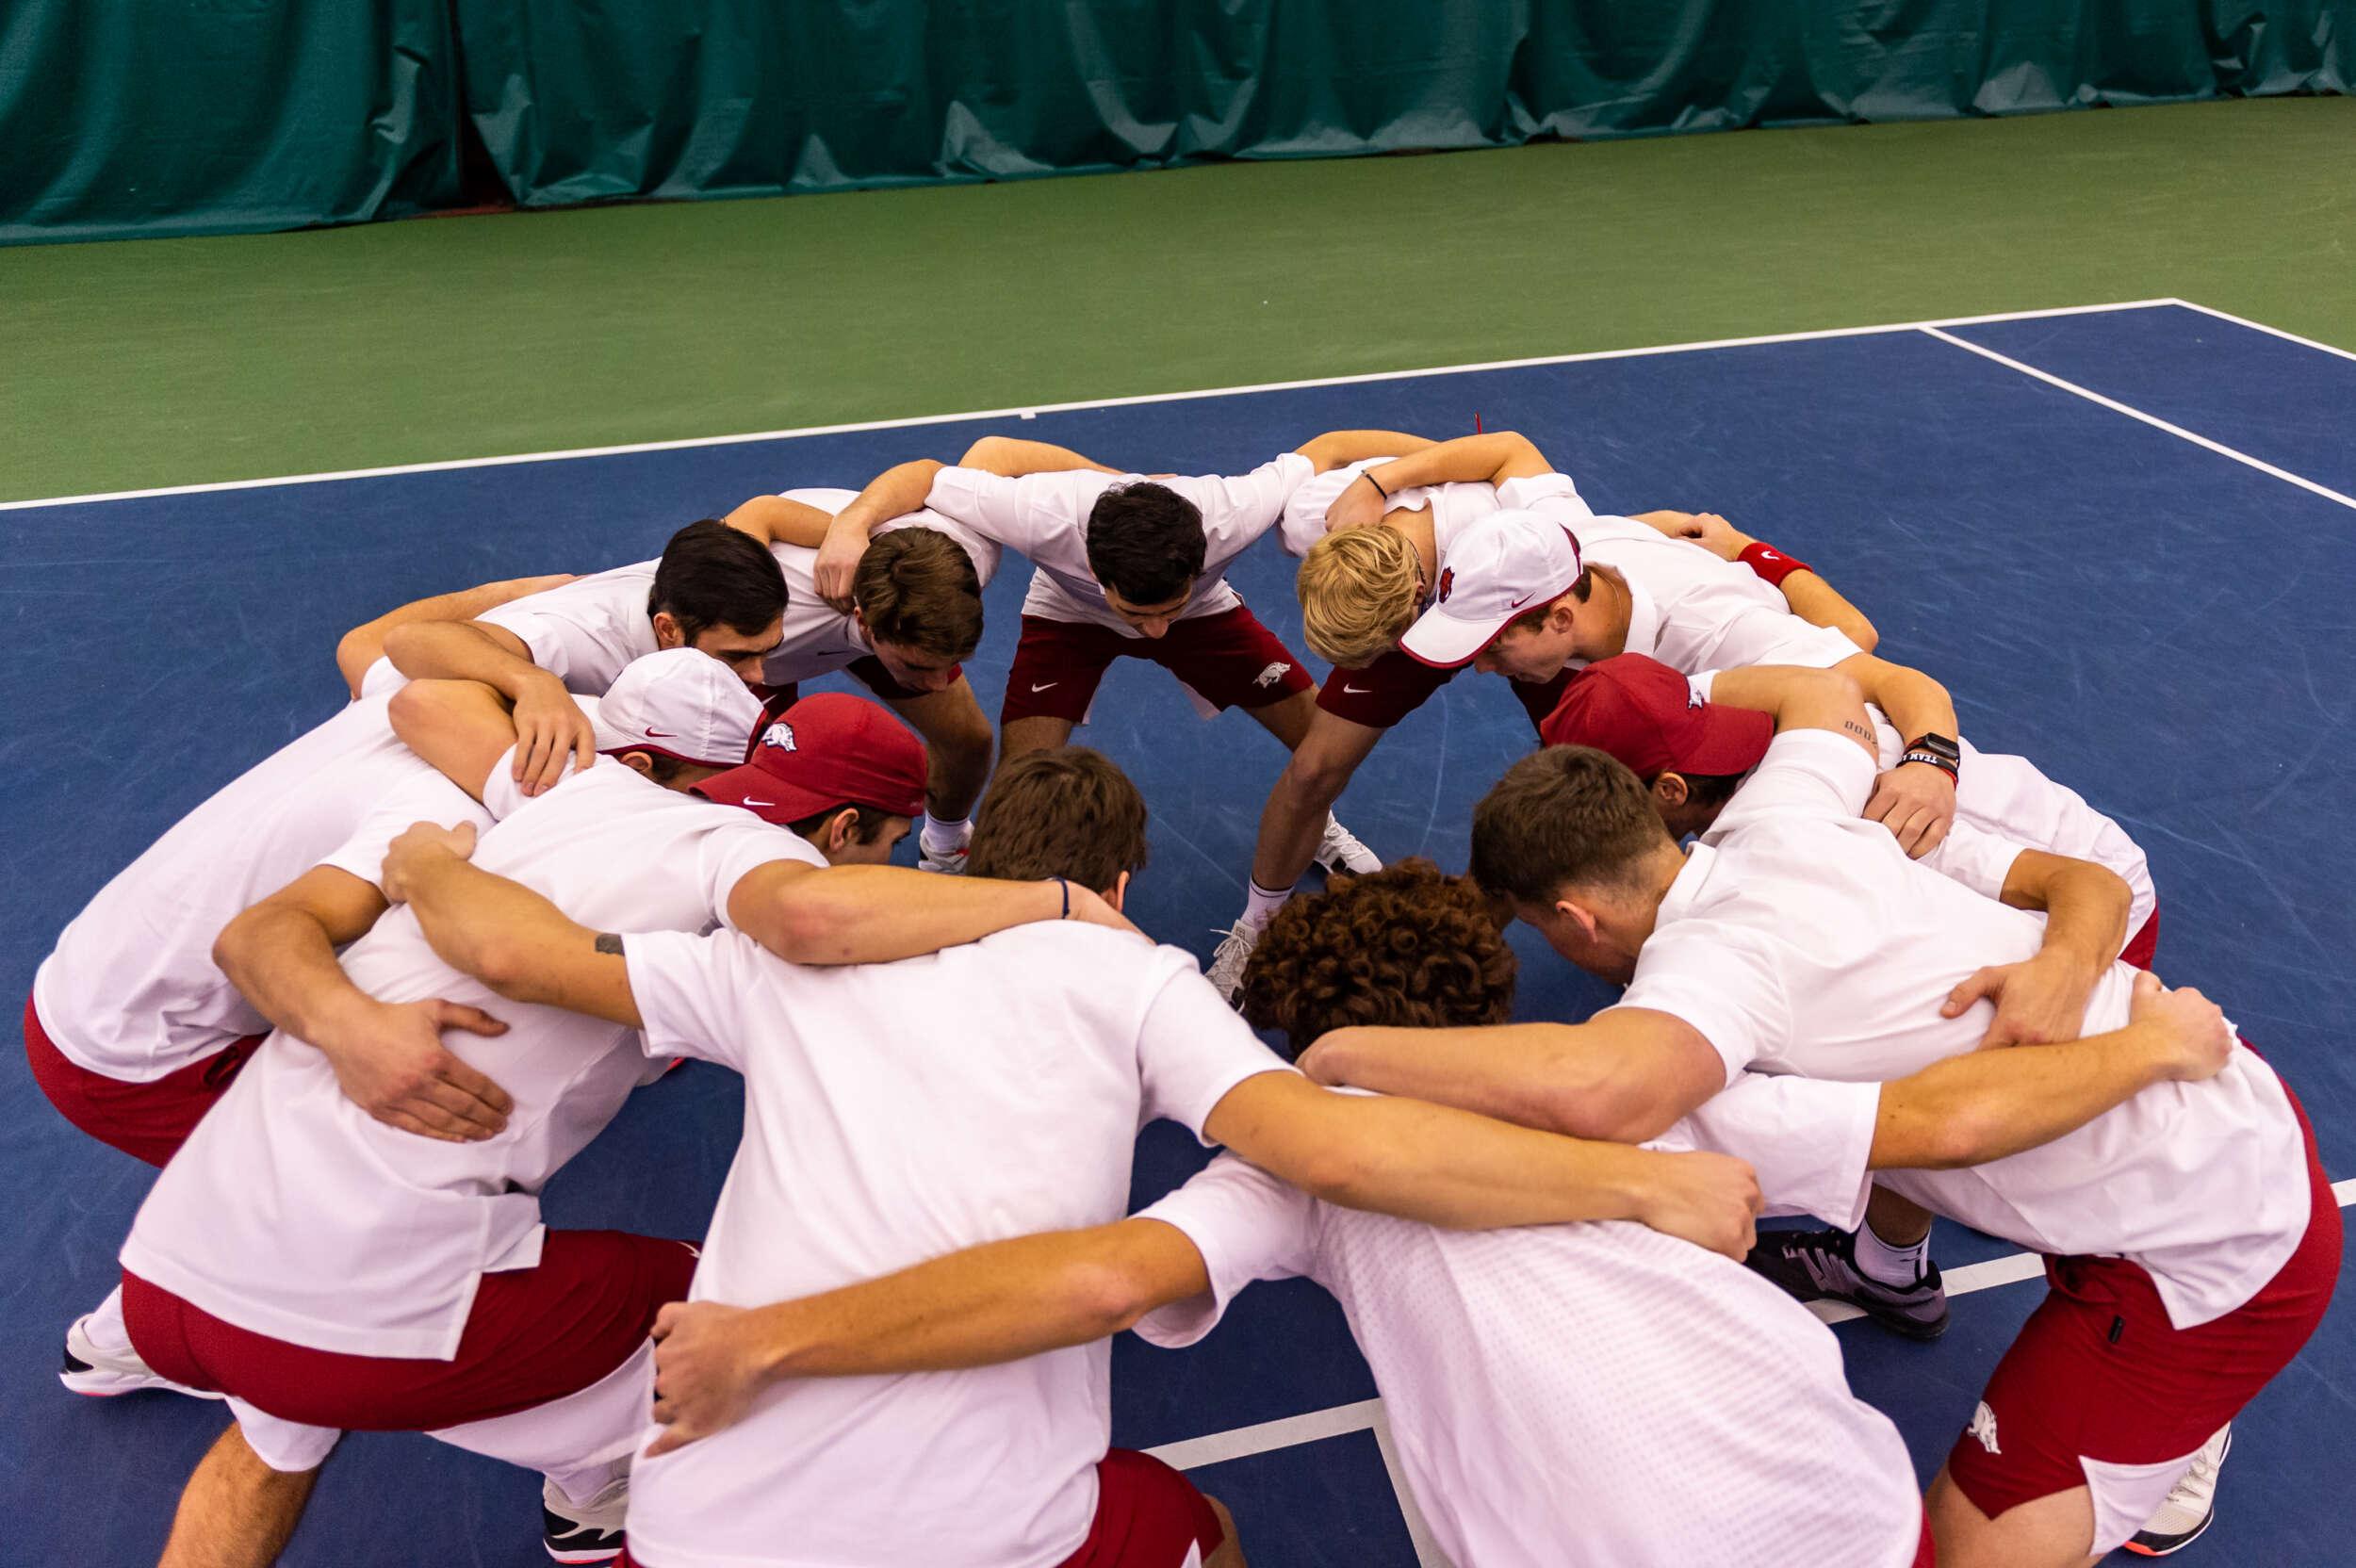 Equipe de joueurs de tennis en championnat universitaire